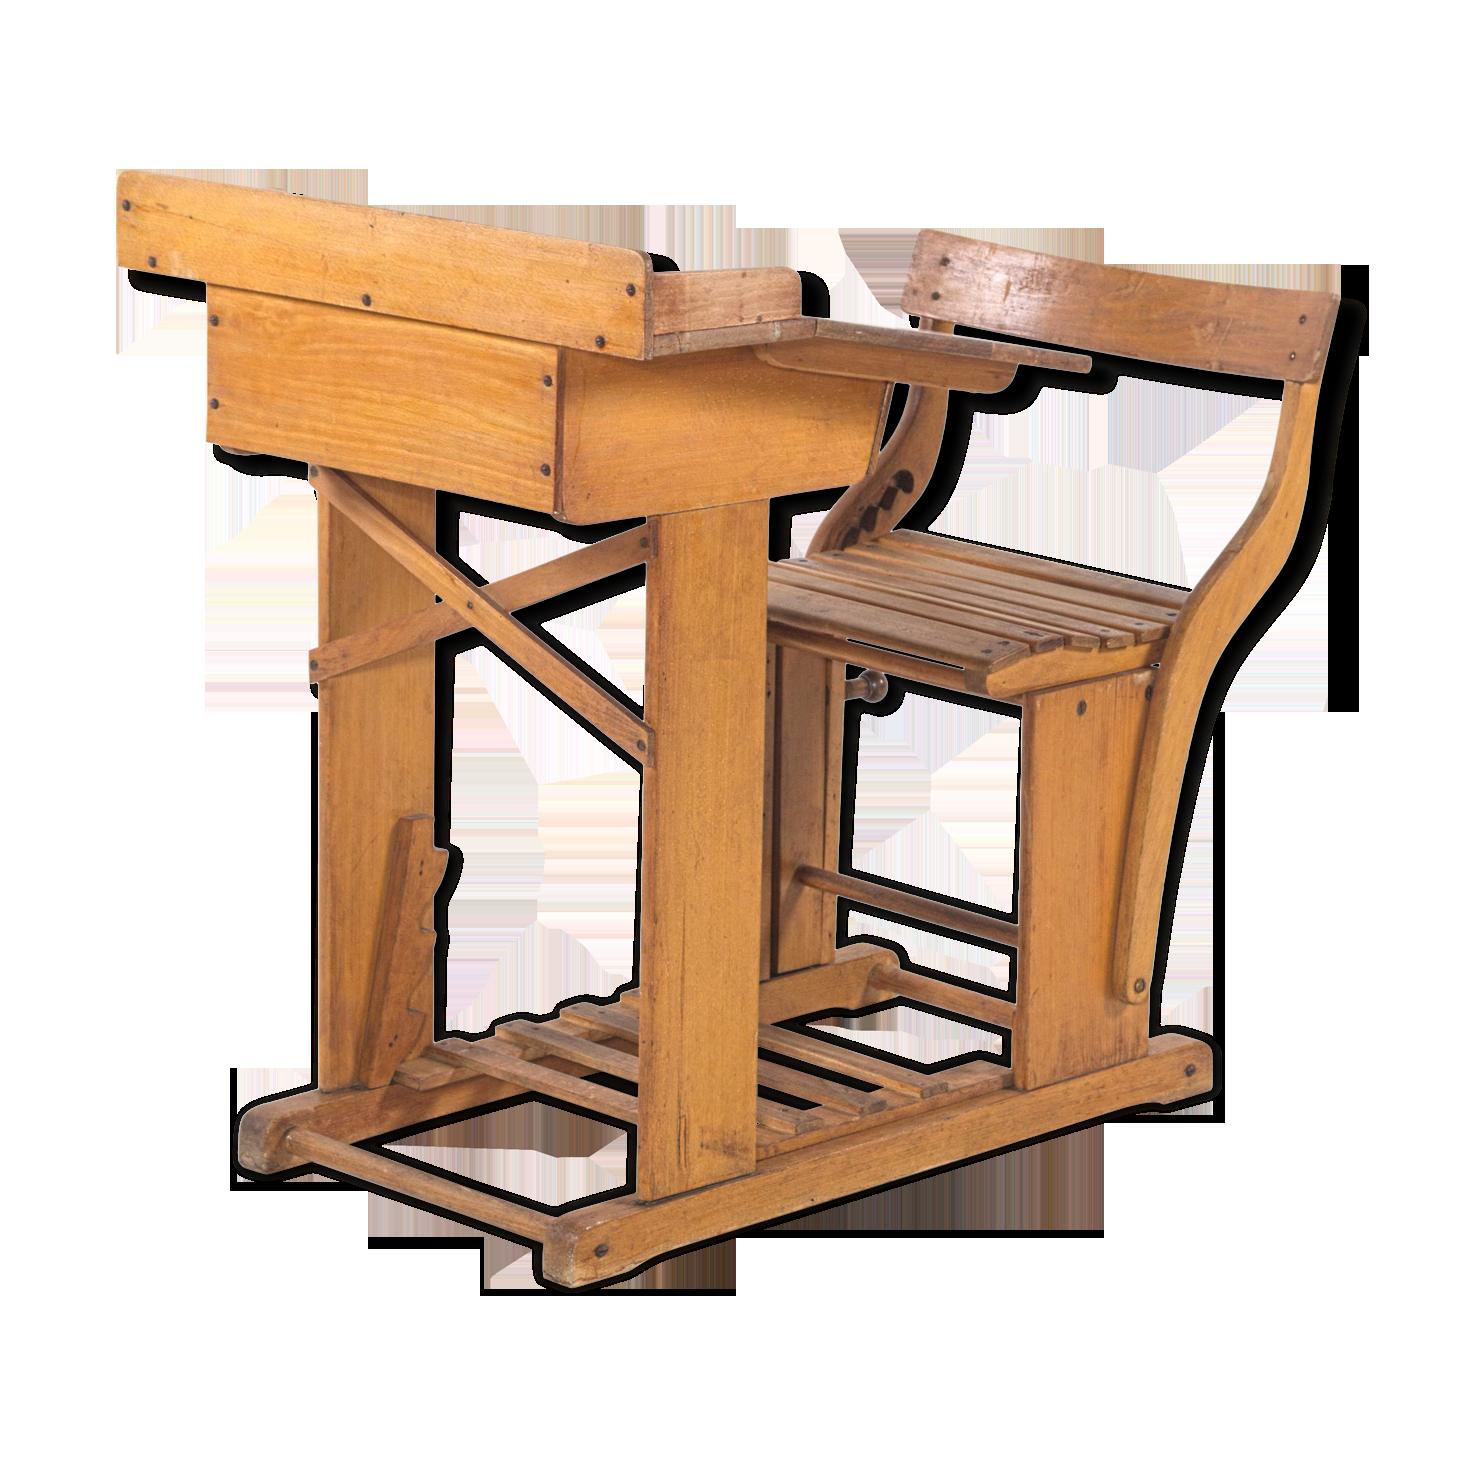 Bureaux en bois massif meubles haut de gamme en hévéa chêne